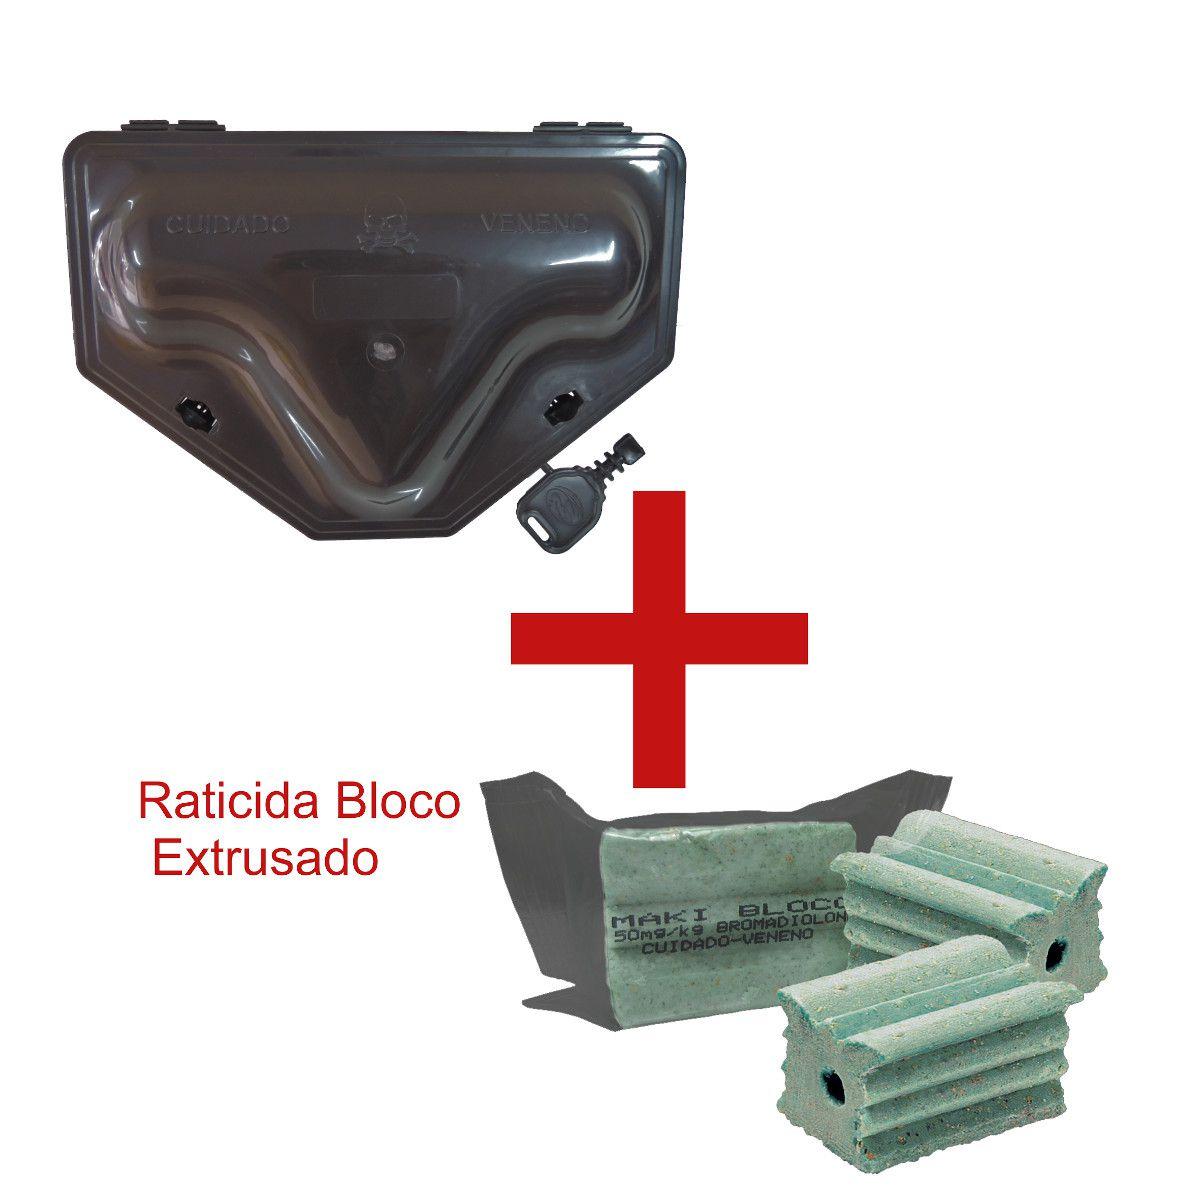 1 Porta Iscas C/ TRAVAMENTO DUPLO + 1 Bloco Extrusado